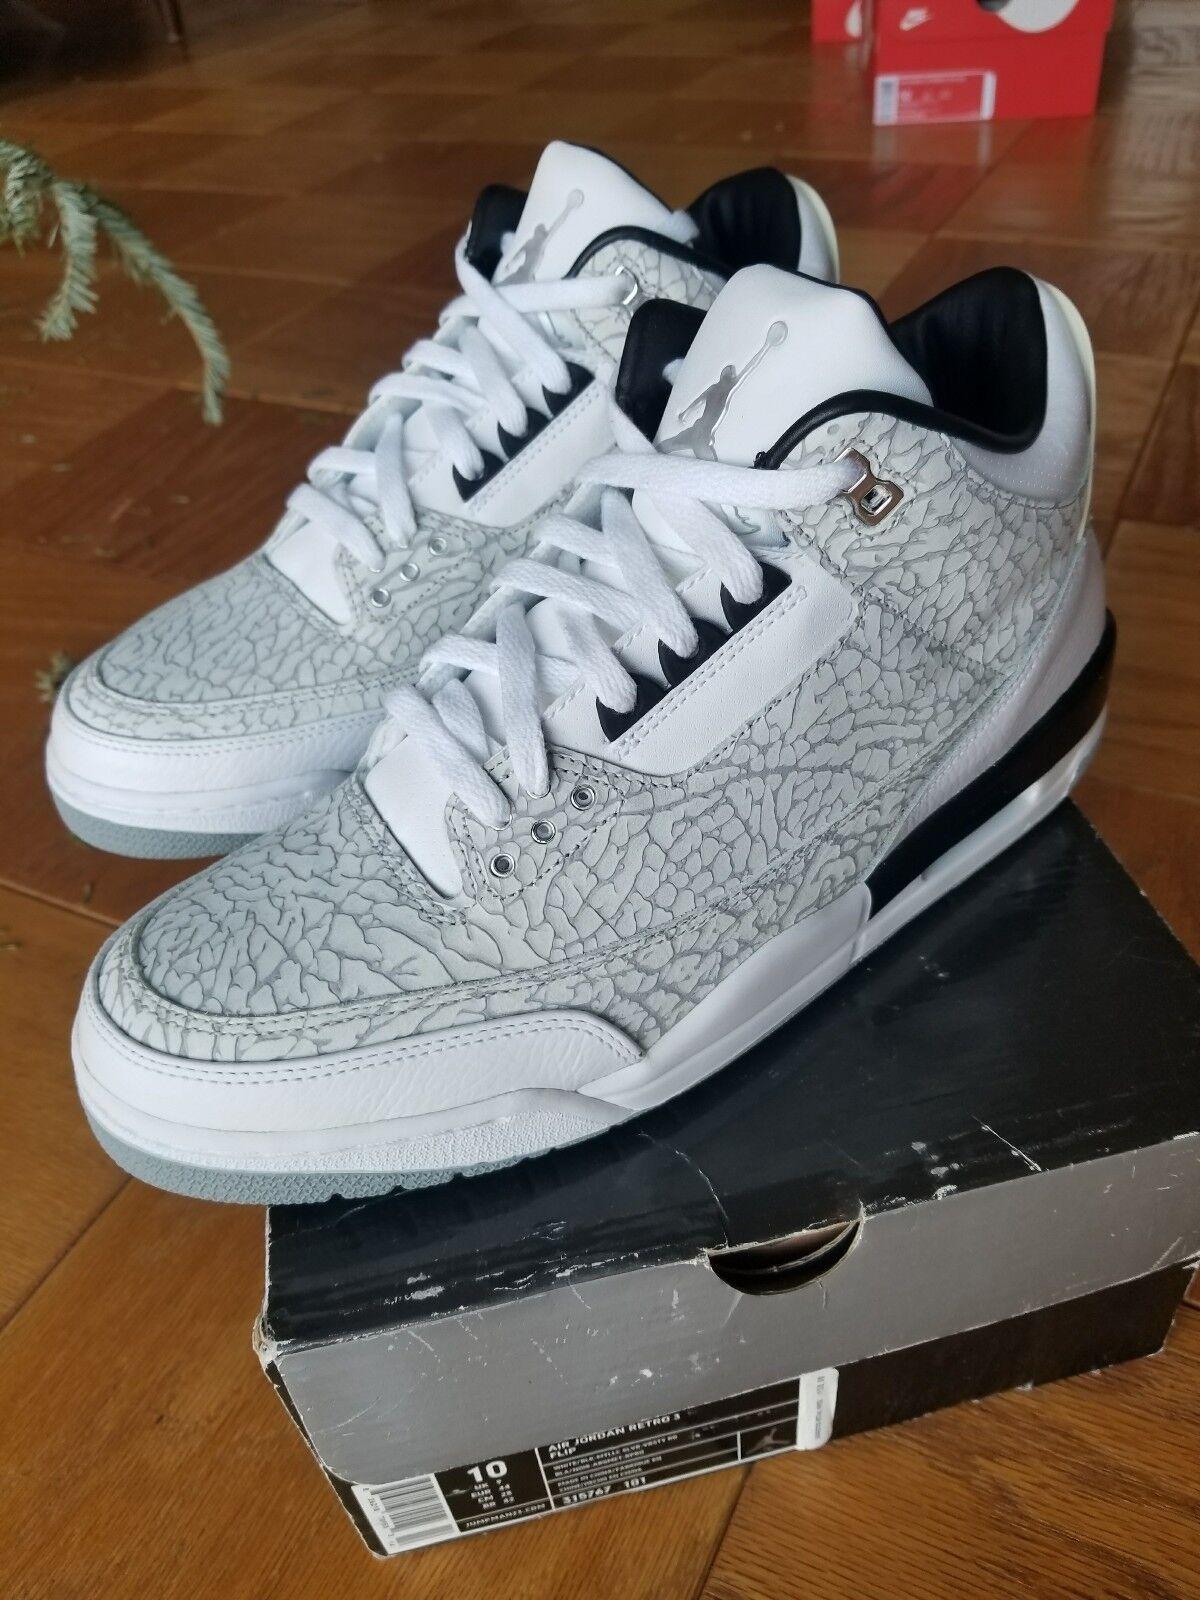 Air Jordan Retro 3 FLIP OG Cement 315767 101 Size 10